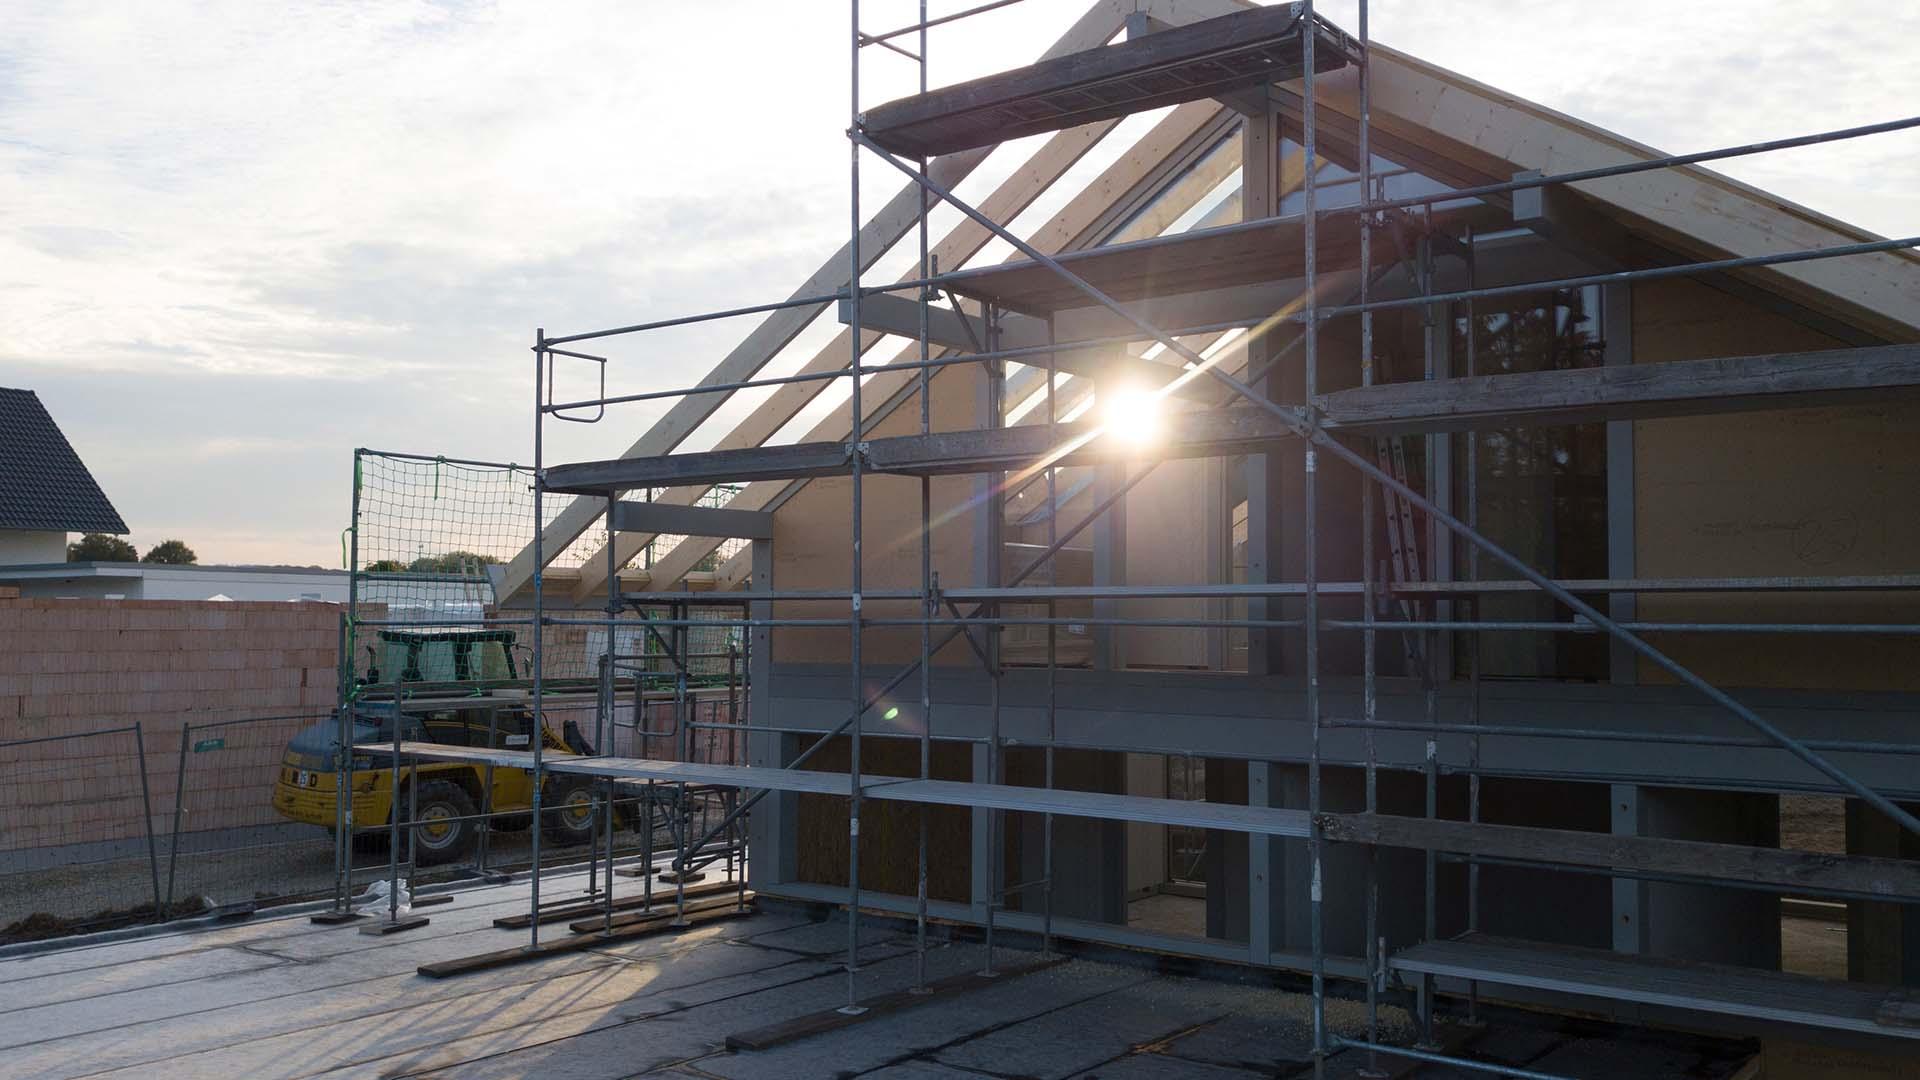 Detmolder Fachwerkhaus – Bauprozess 03